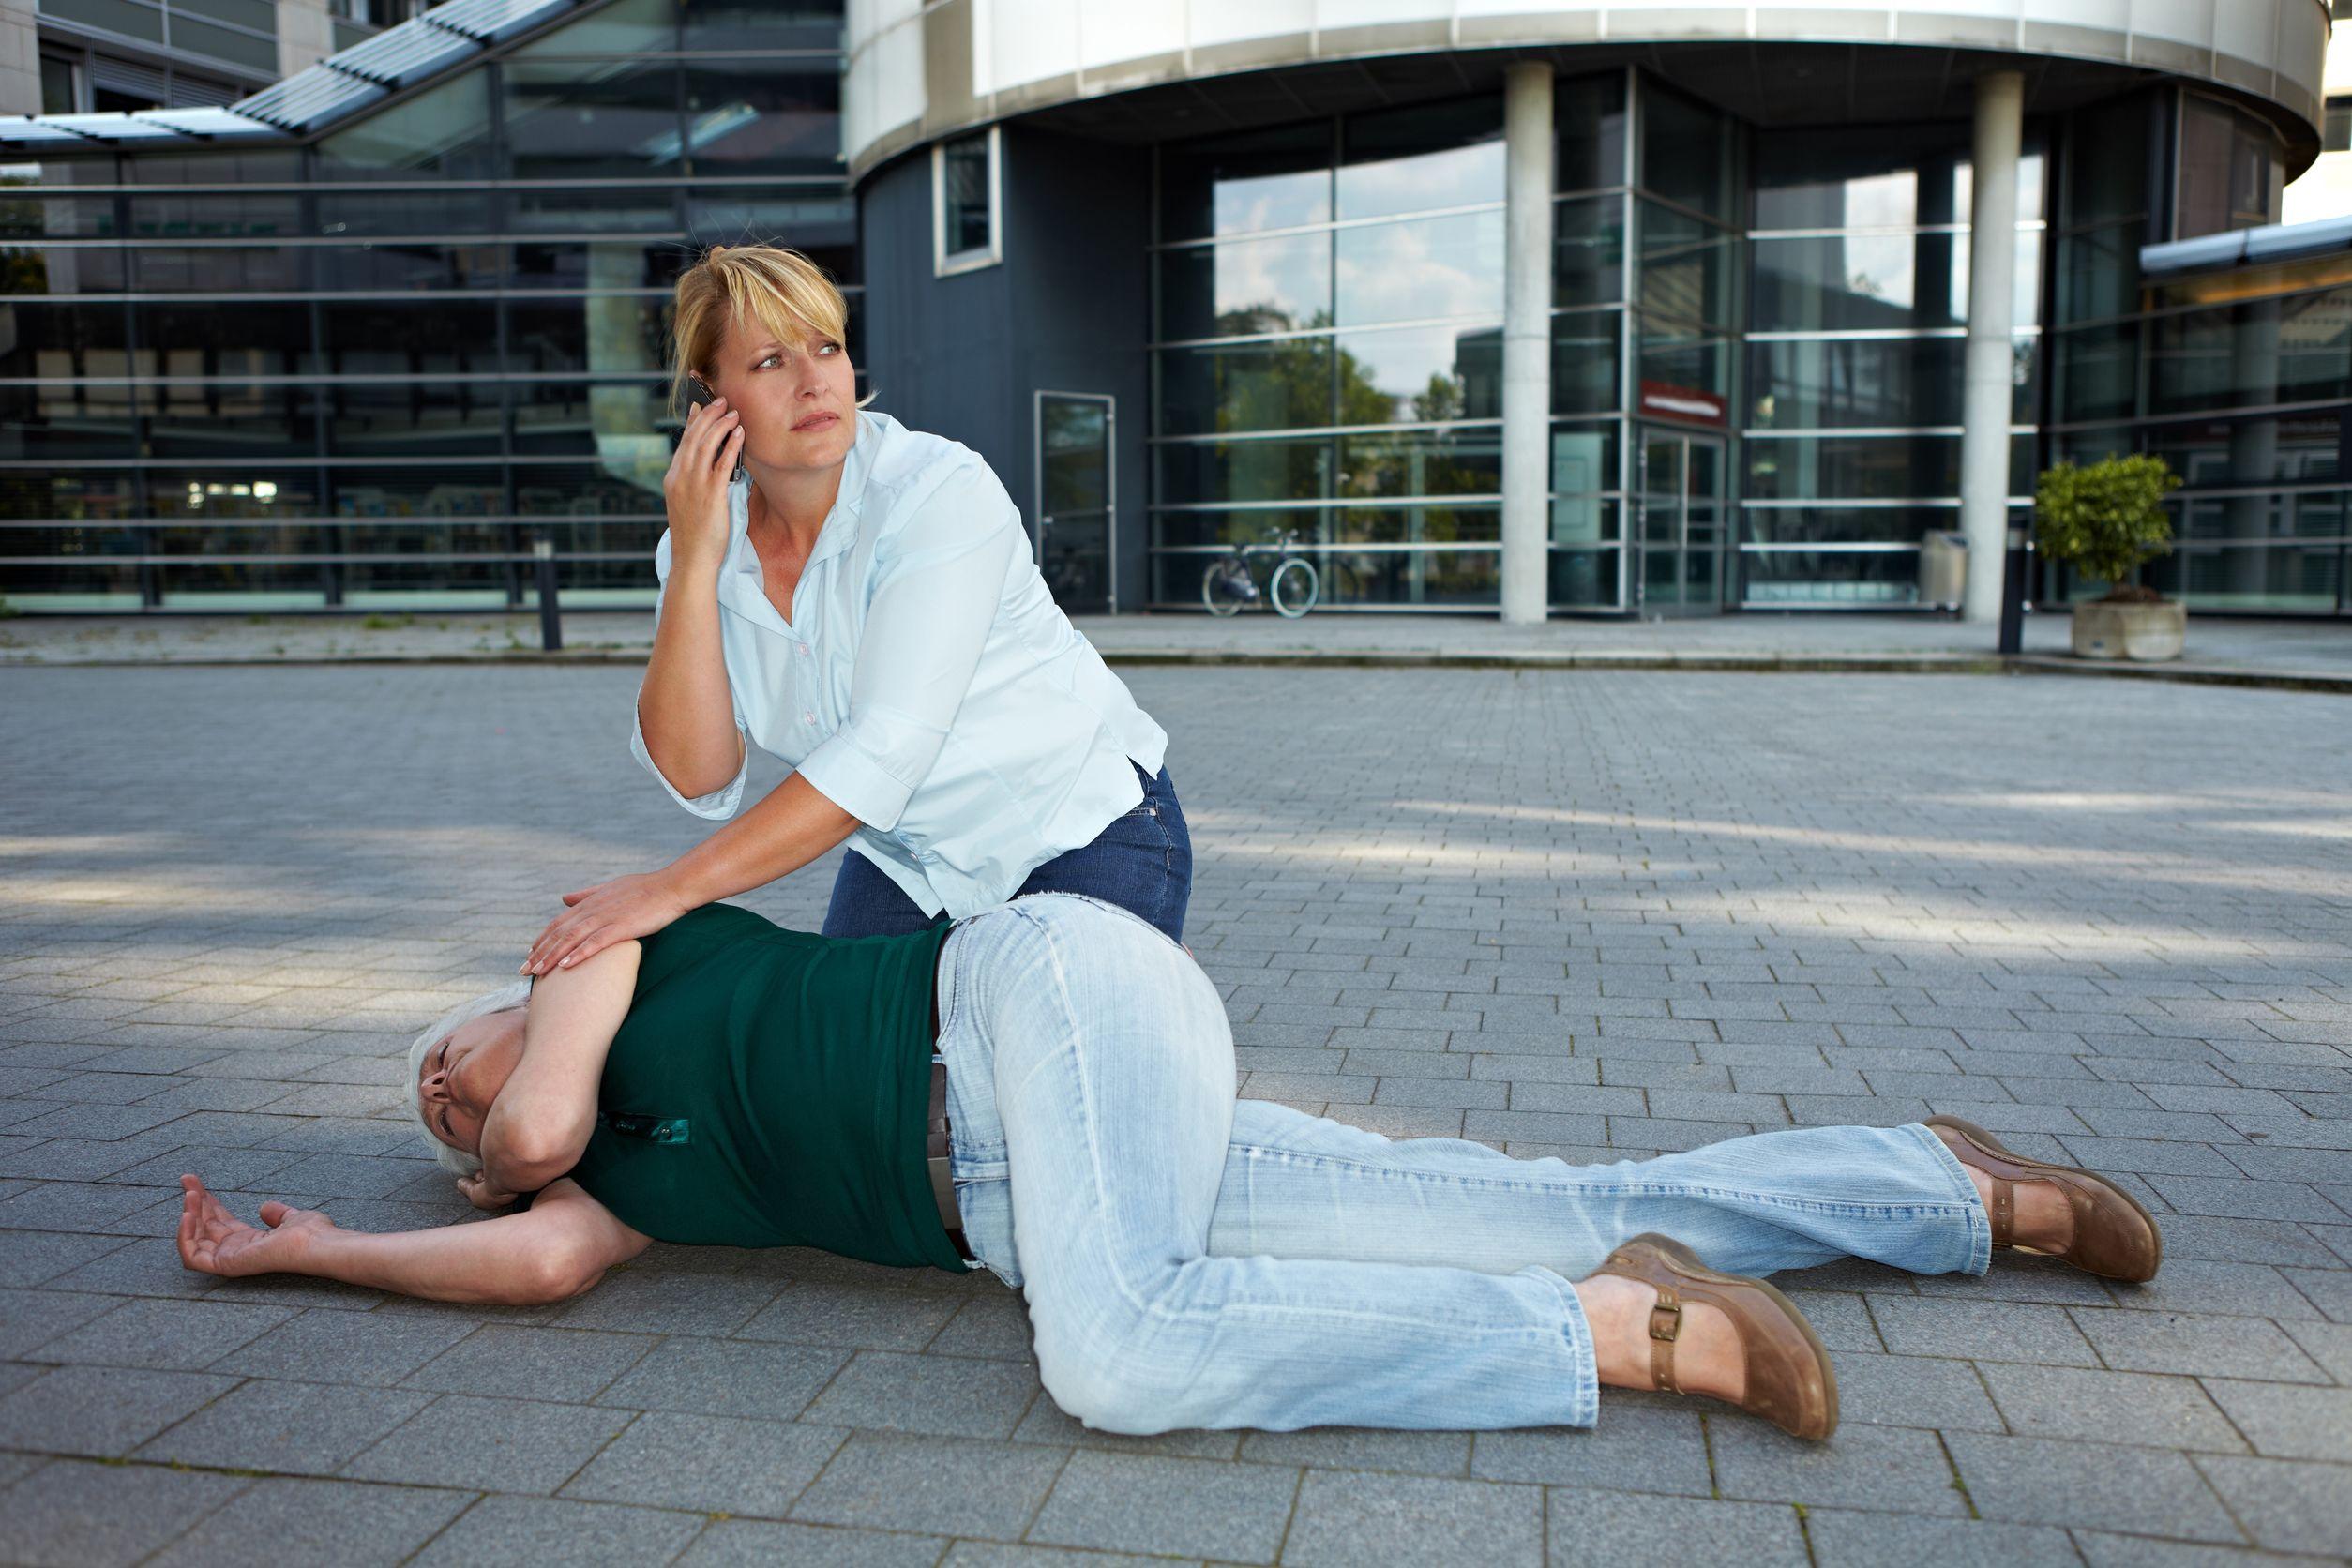 mulher ajudando uma senhora caída com as técnicas de primeiros socorros